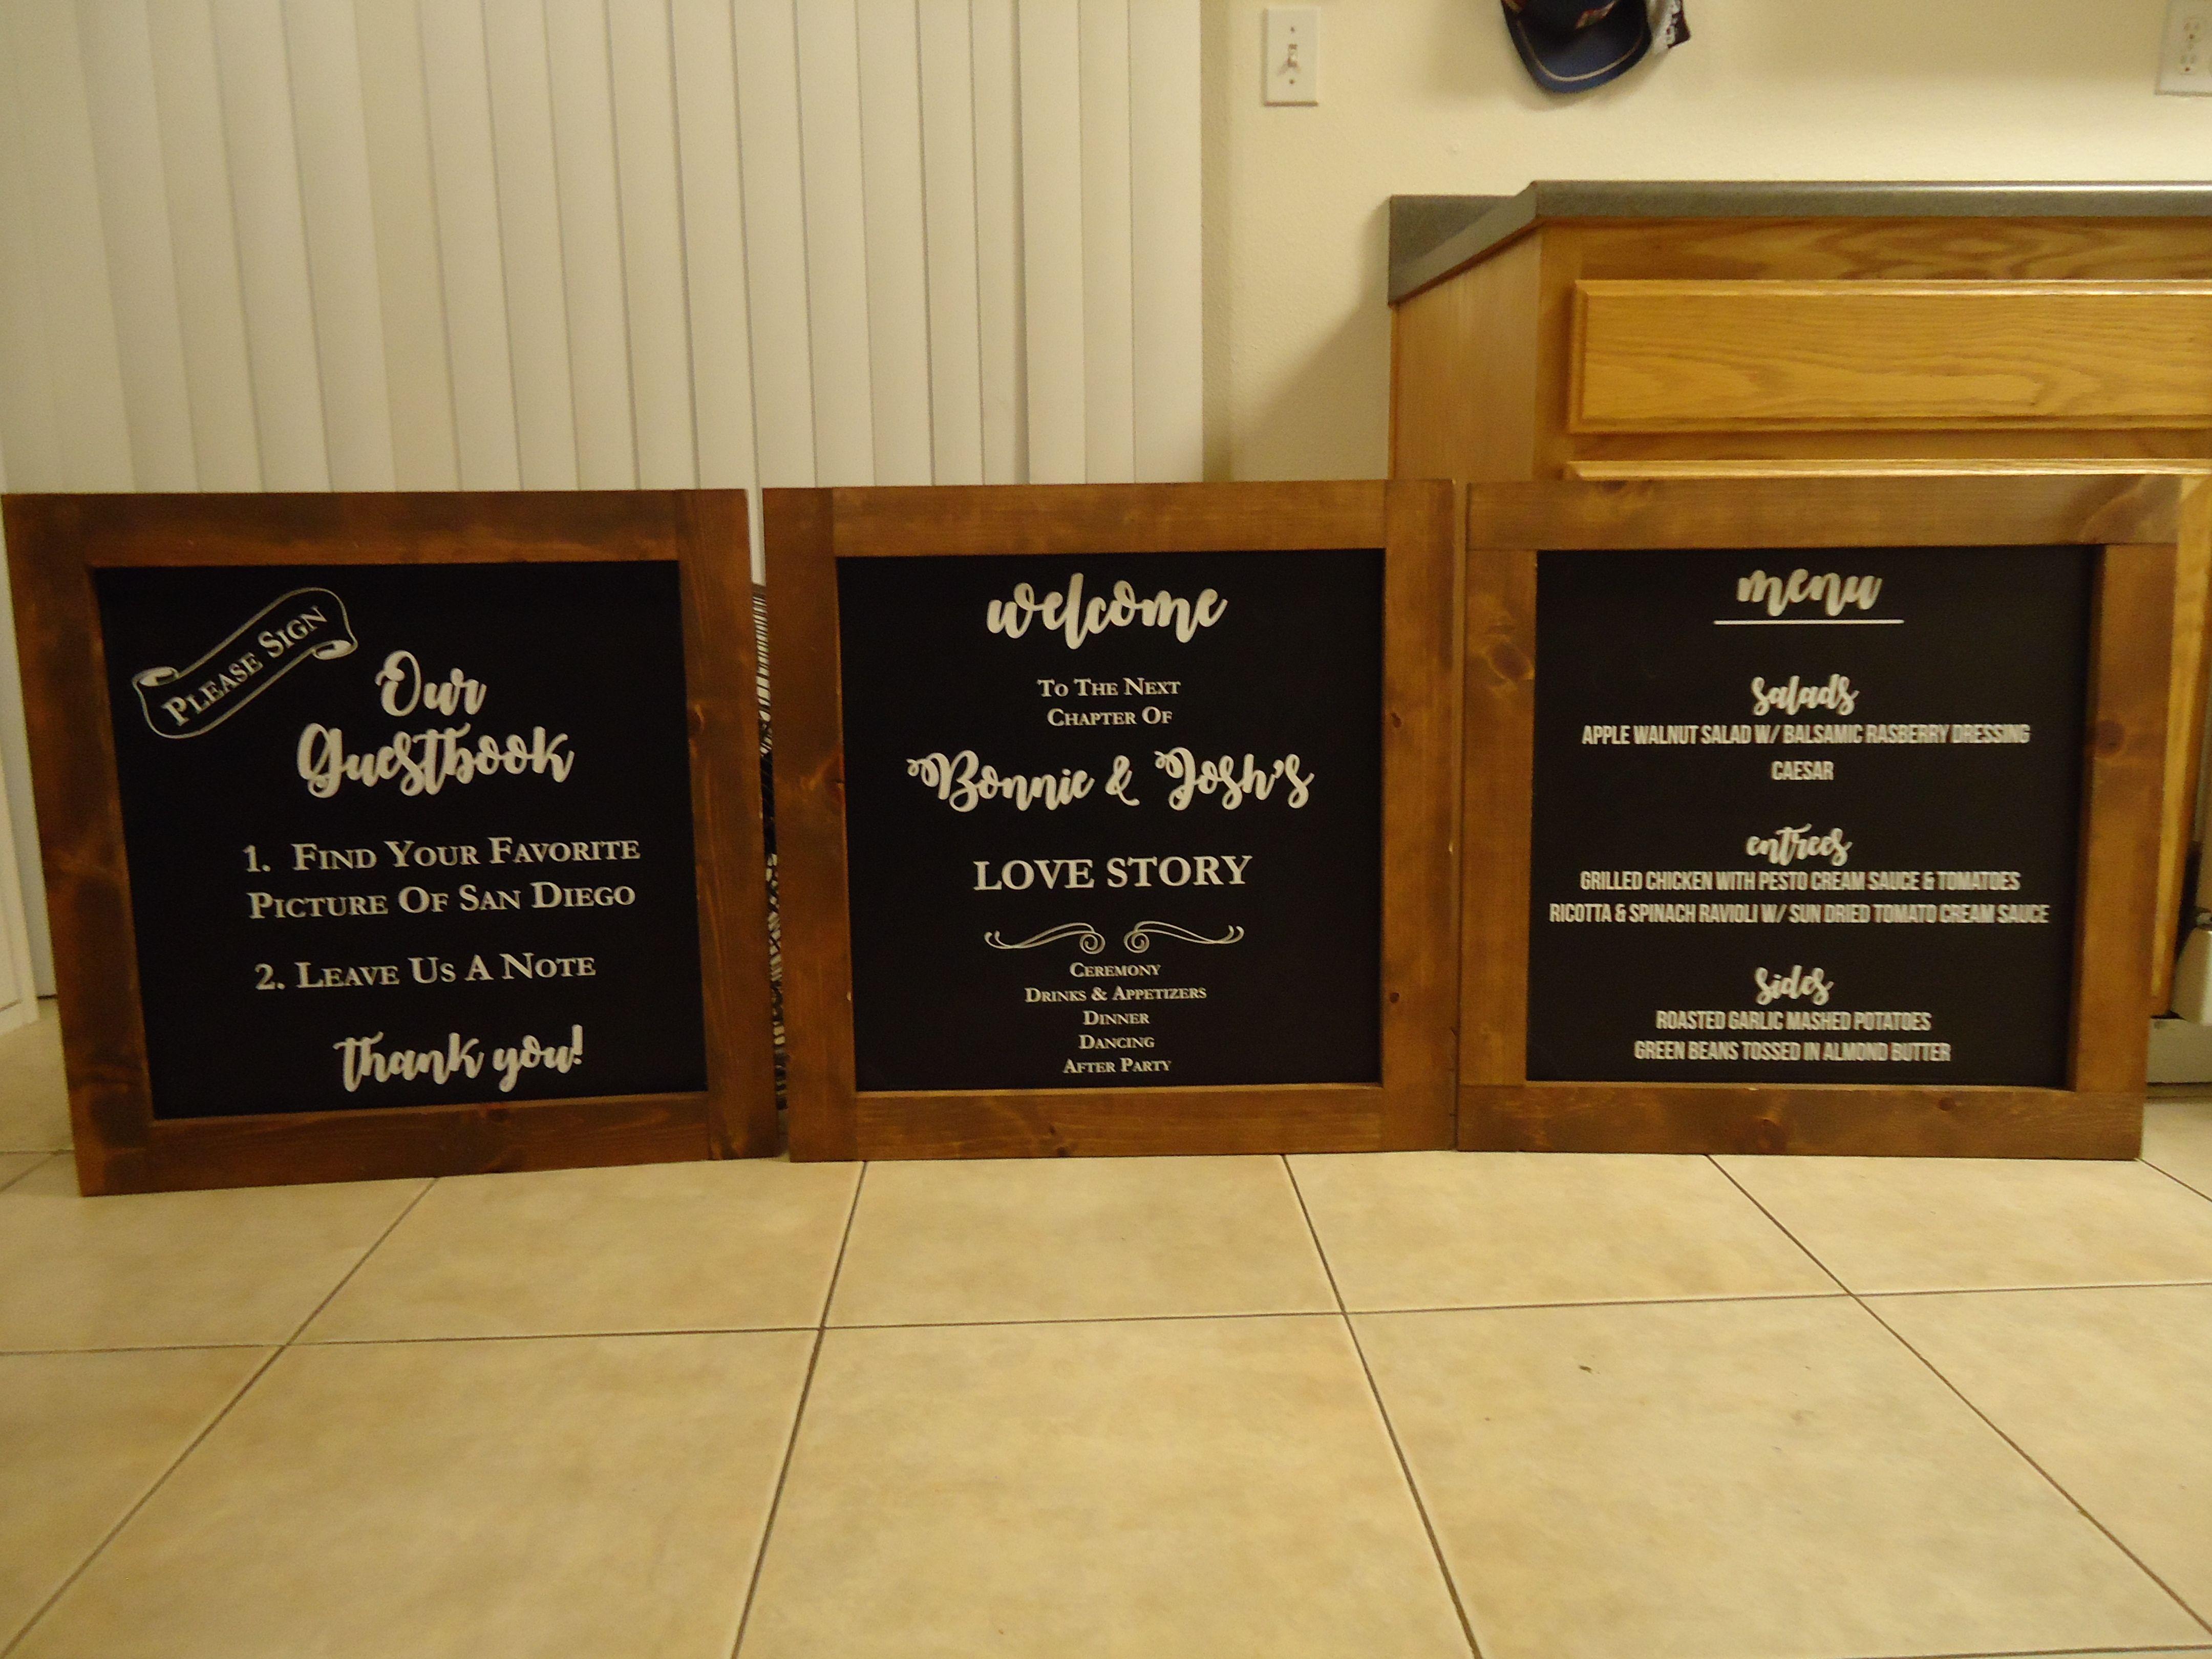 Wedding chalkboards - size 18 in by 18 in - artwork by www.victorygraphix.net